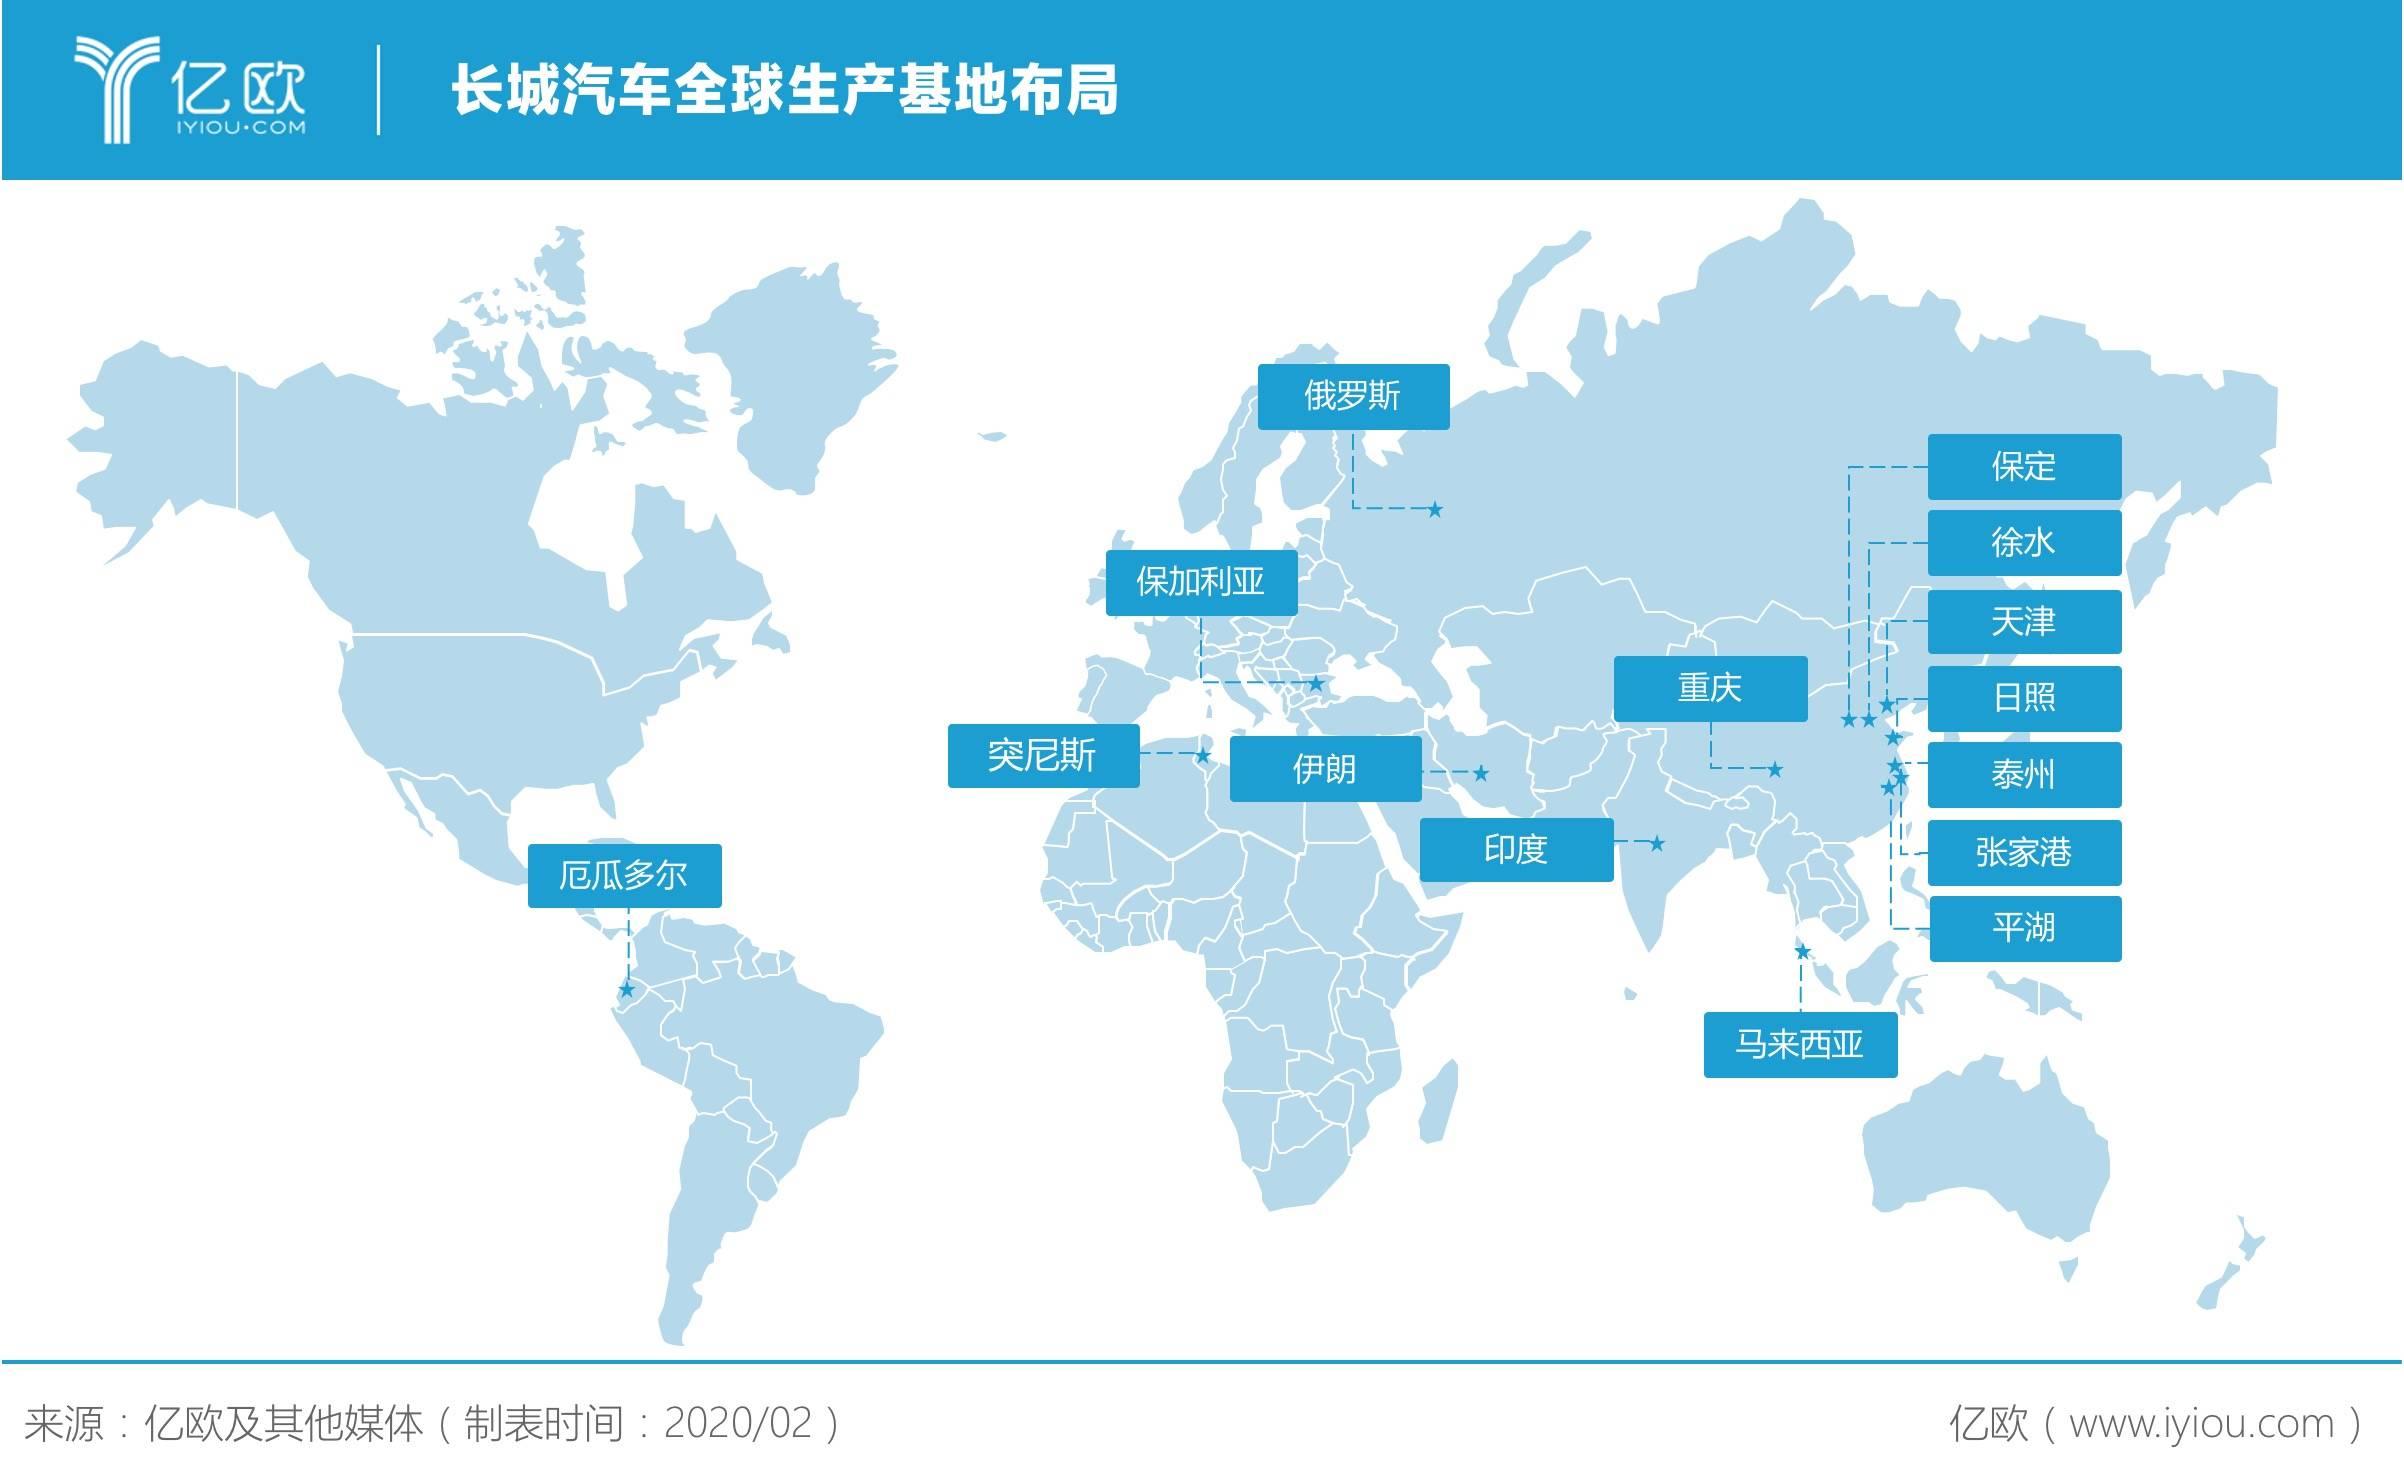 长城汽车全球生产基地布局